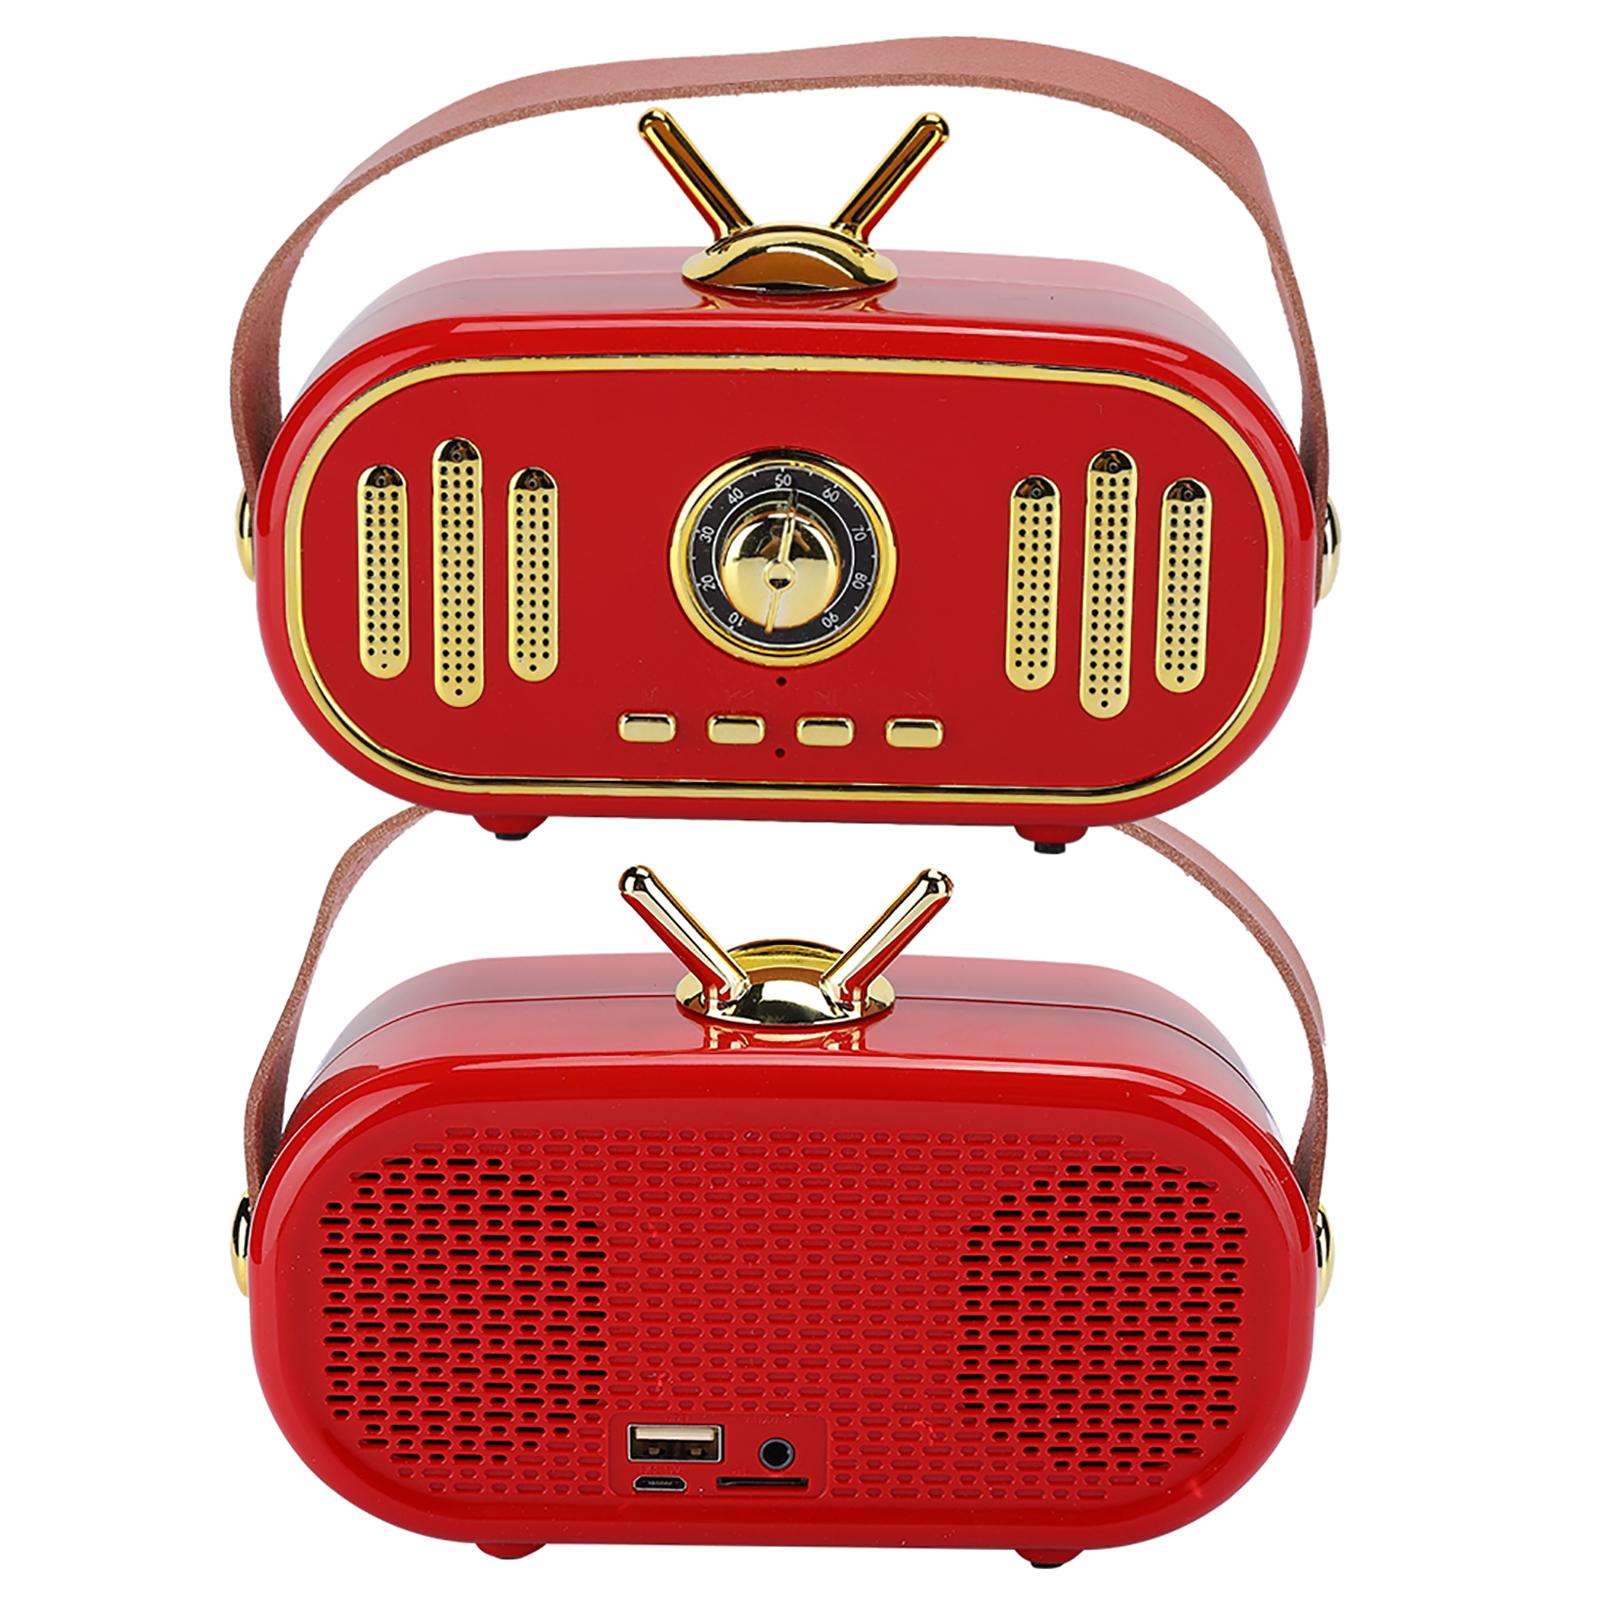 miniature 14 - FT-101BT Haut-parleur portable Bluetooth sans fil Rétro Radio Mini Subwoofer 1200 MAH